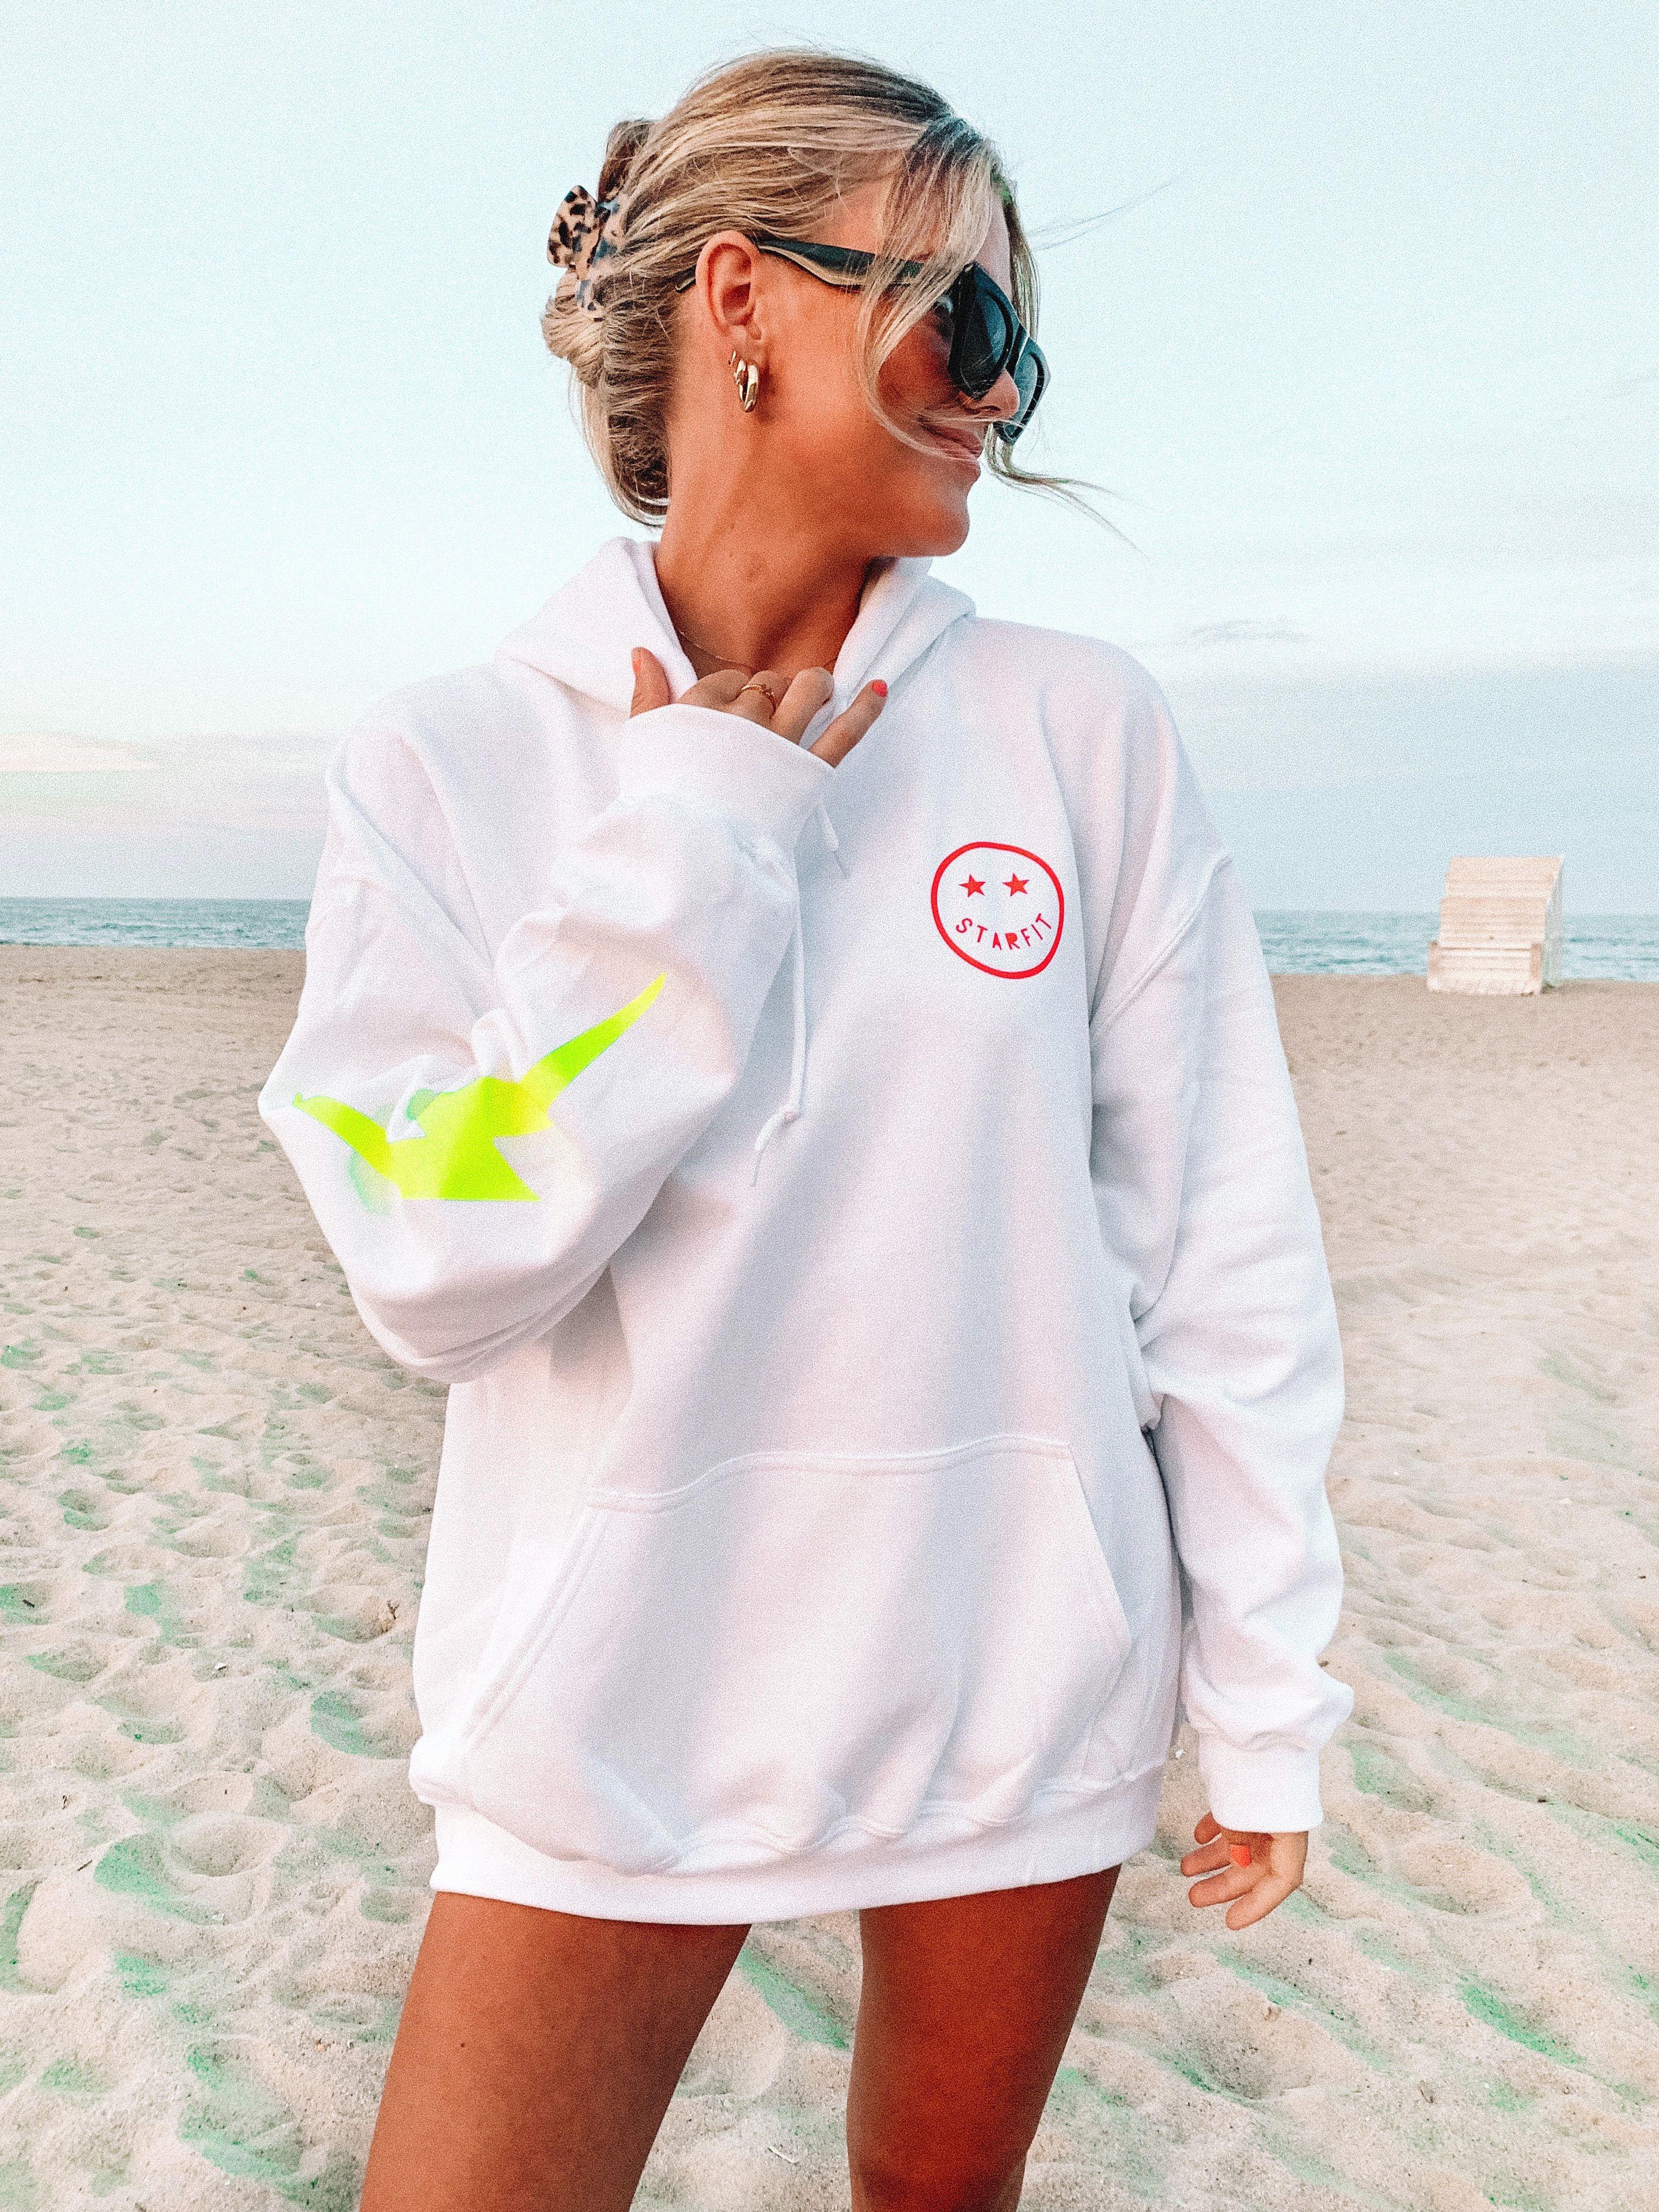 Starfit Hoodie Preppy Sweatshirts Cute Preppy Outfits Printed Hooded Sweatshirt [ 3842 x 2881 Pixel ]